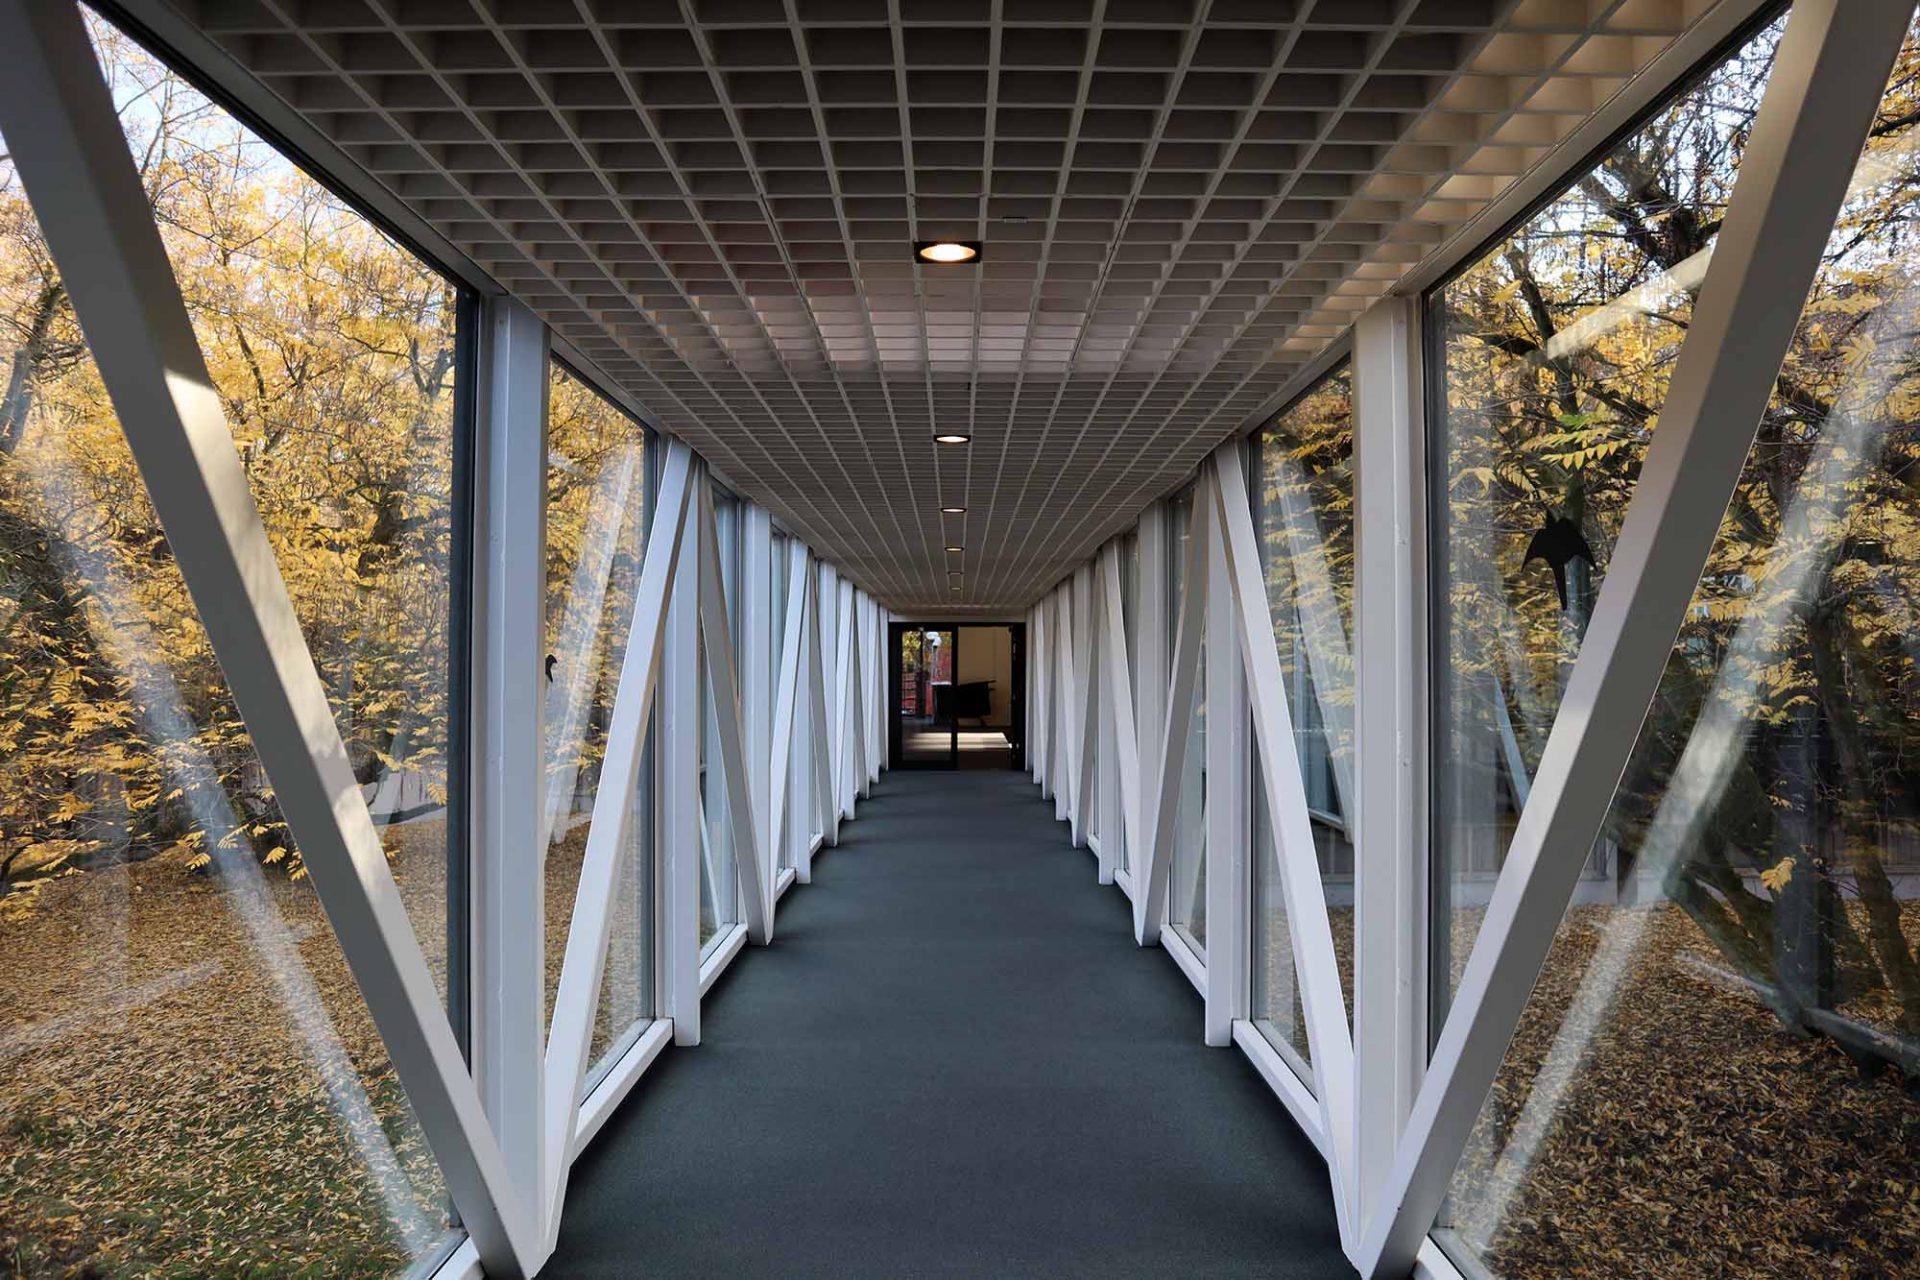 Josef Albers Museum Quadrat. Das eigentliche Josef-Albers-Museum wurde in gleicher Architektursprache etwas abgesetzt von den bestehenden Gebäuden errichtet und ist mit einer gläsernen Brücke erschlossen.